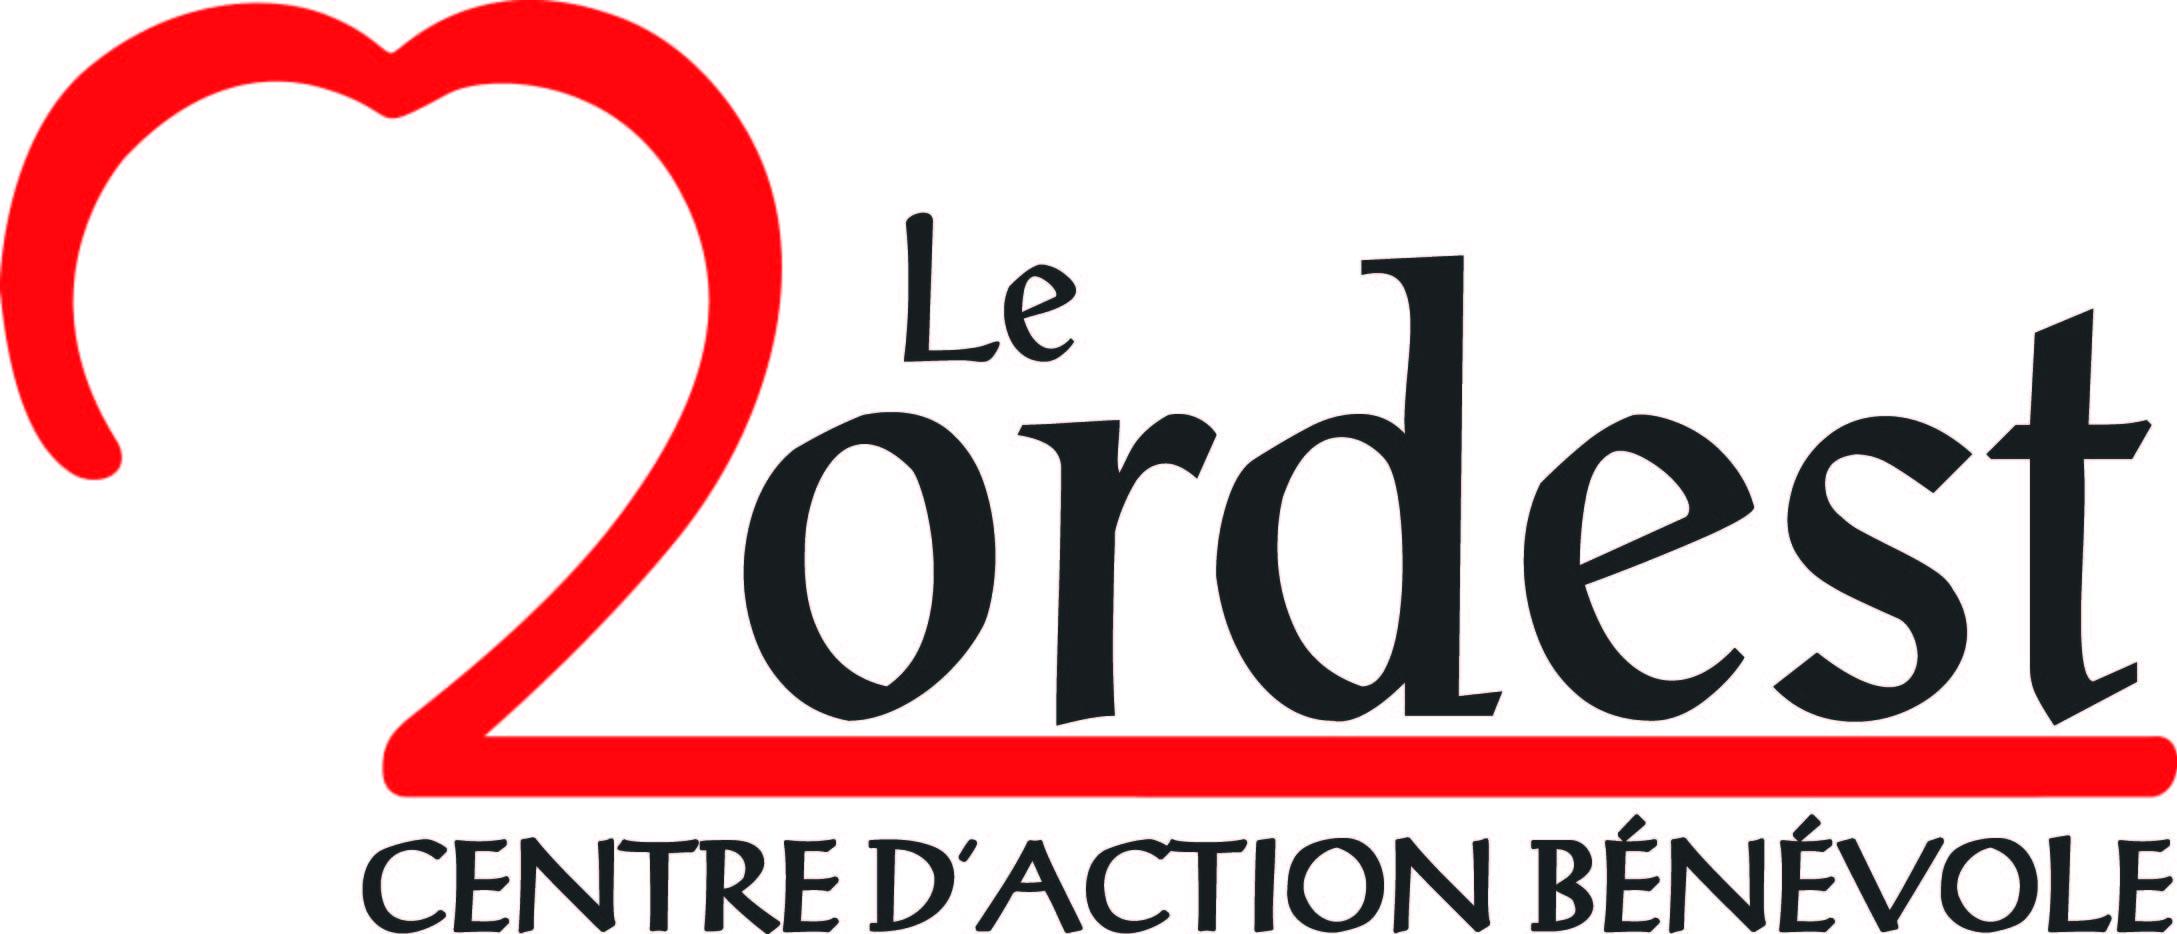 Centre d'action bénévole Le Nordest